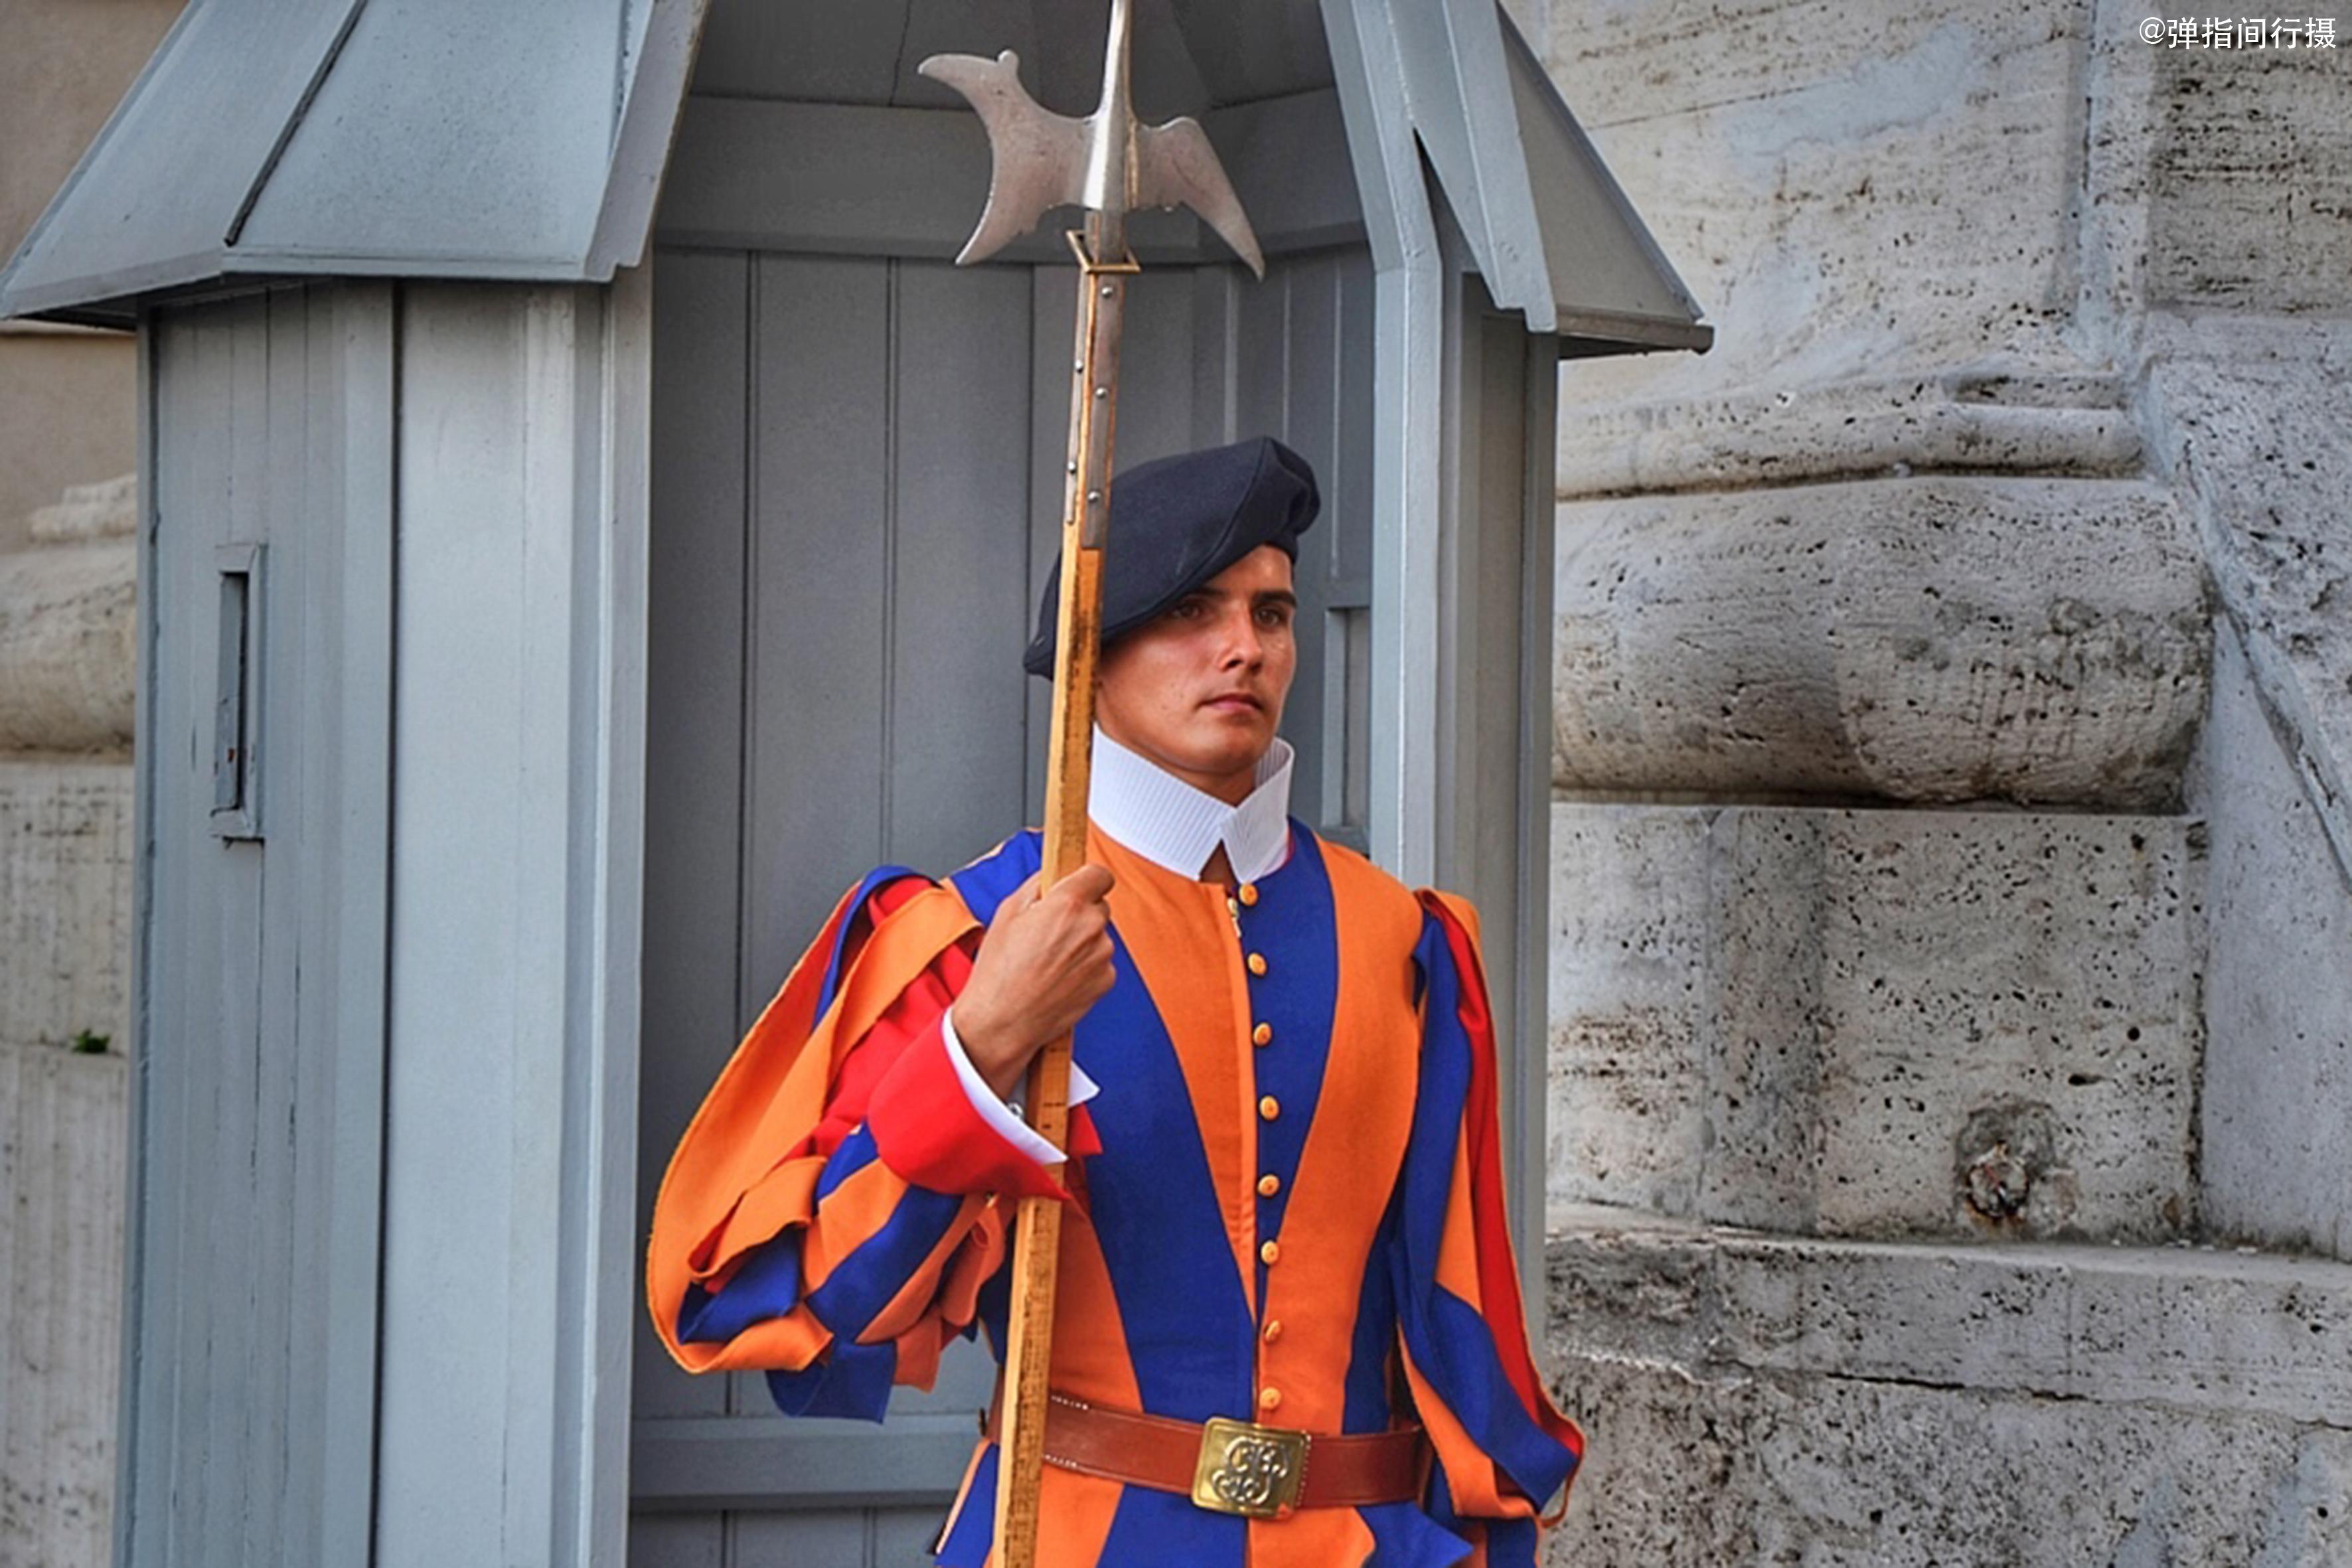 世界上最小的国家,只有572个公民,卫兵都来自瑞士,这是为何?